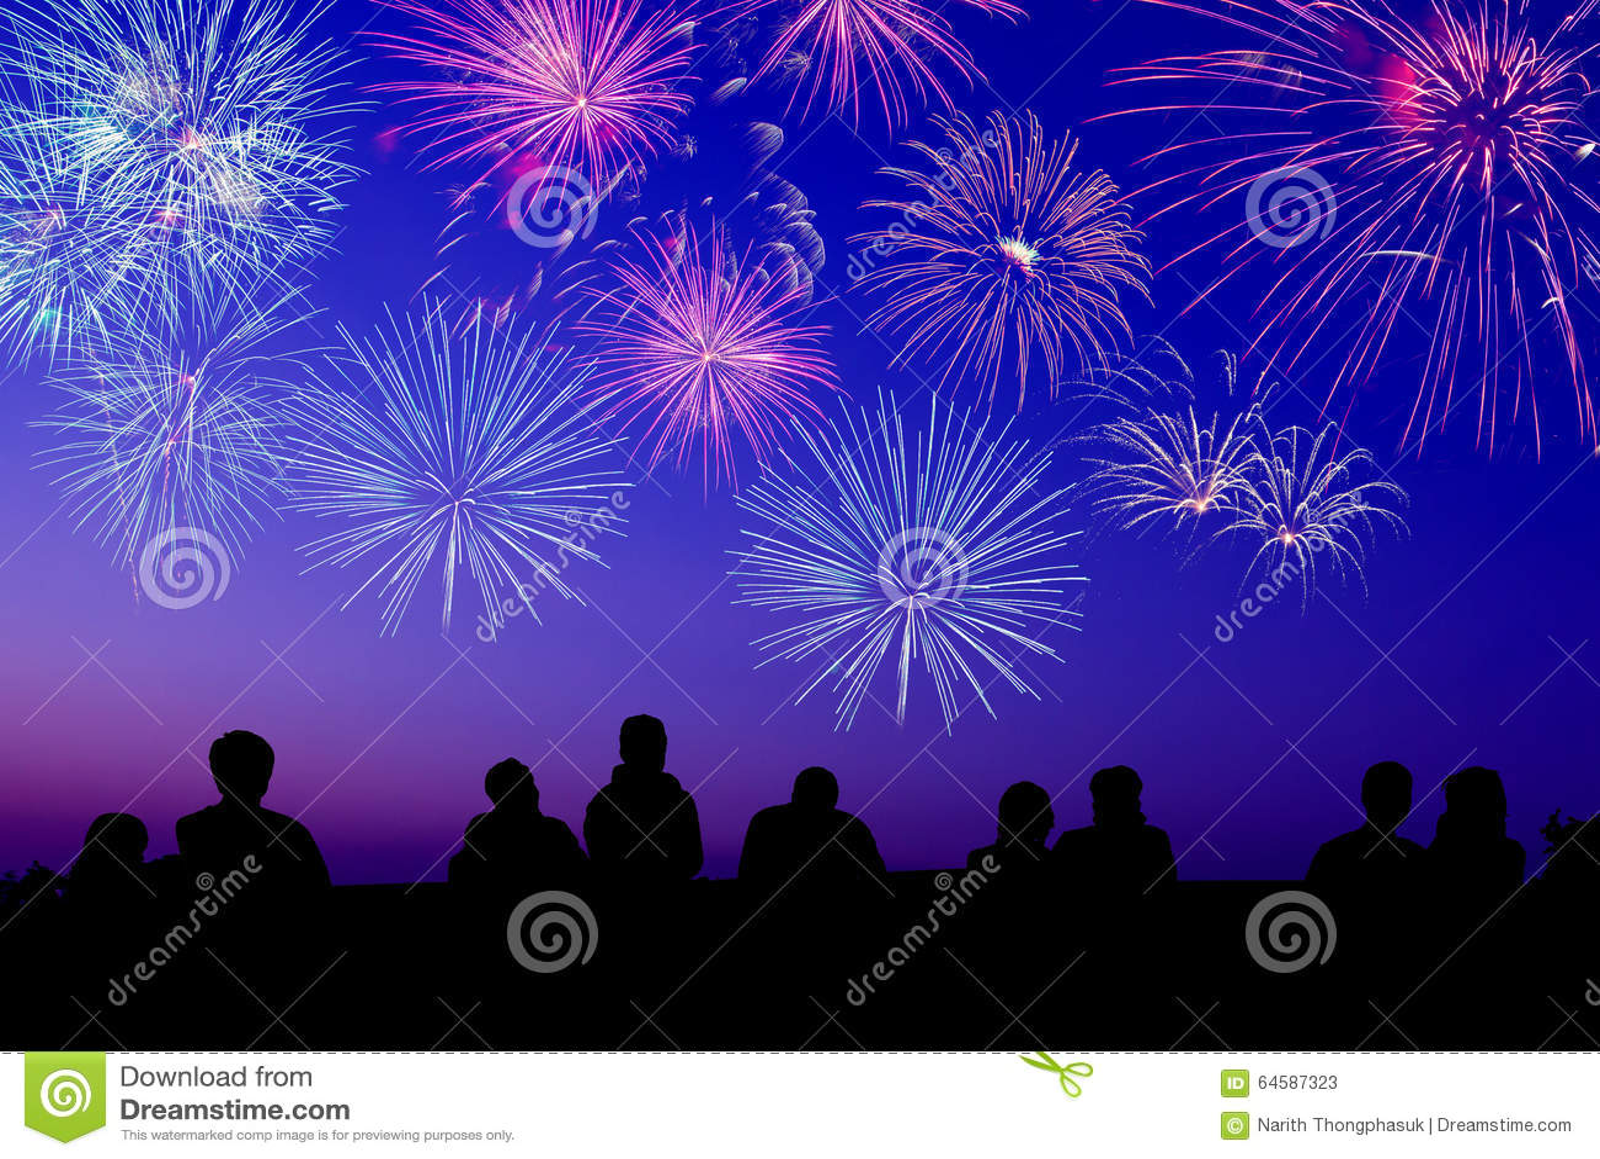 Bigs fireworks : Straight talk refill my phone